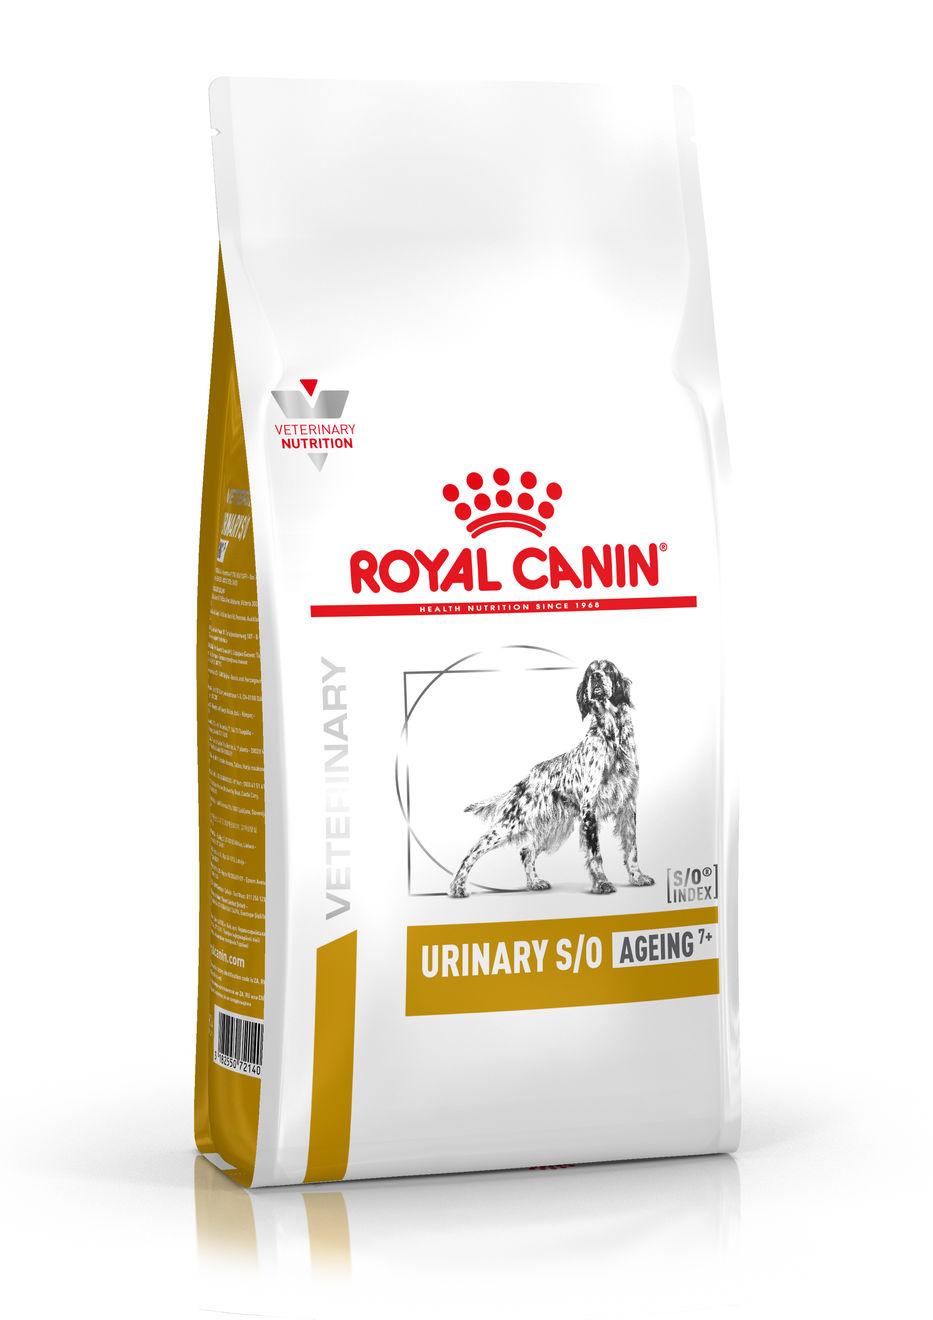 ROYAL CANIN URINARY S/OAGEING 7+ – лечебный сухой корм для собак старше 7 лет при мочекаменной болезни